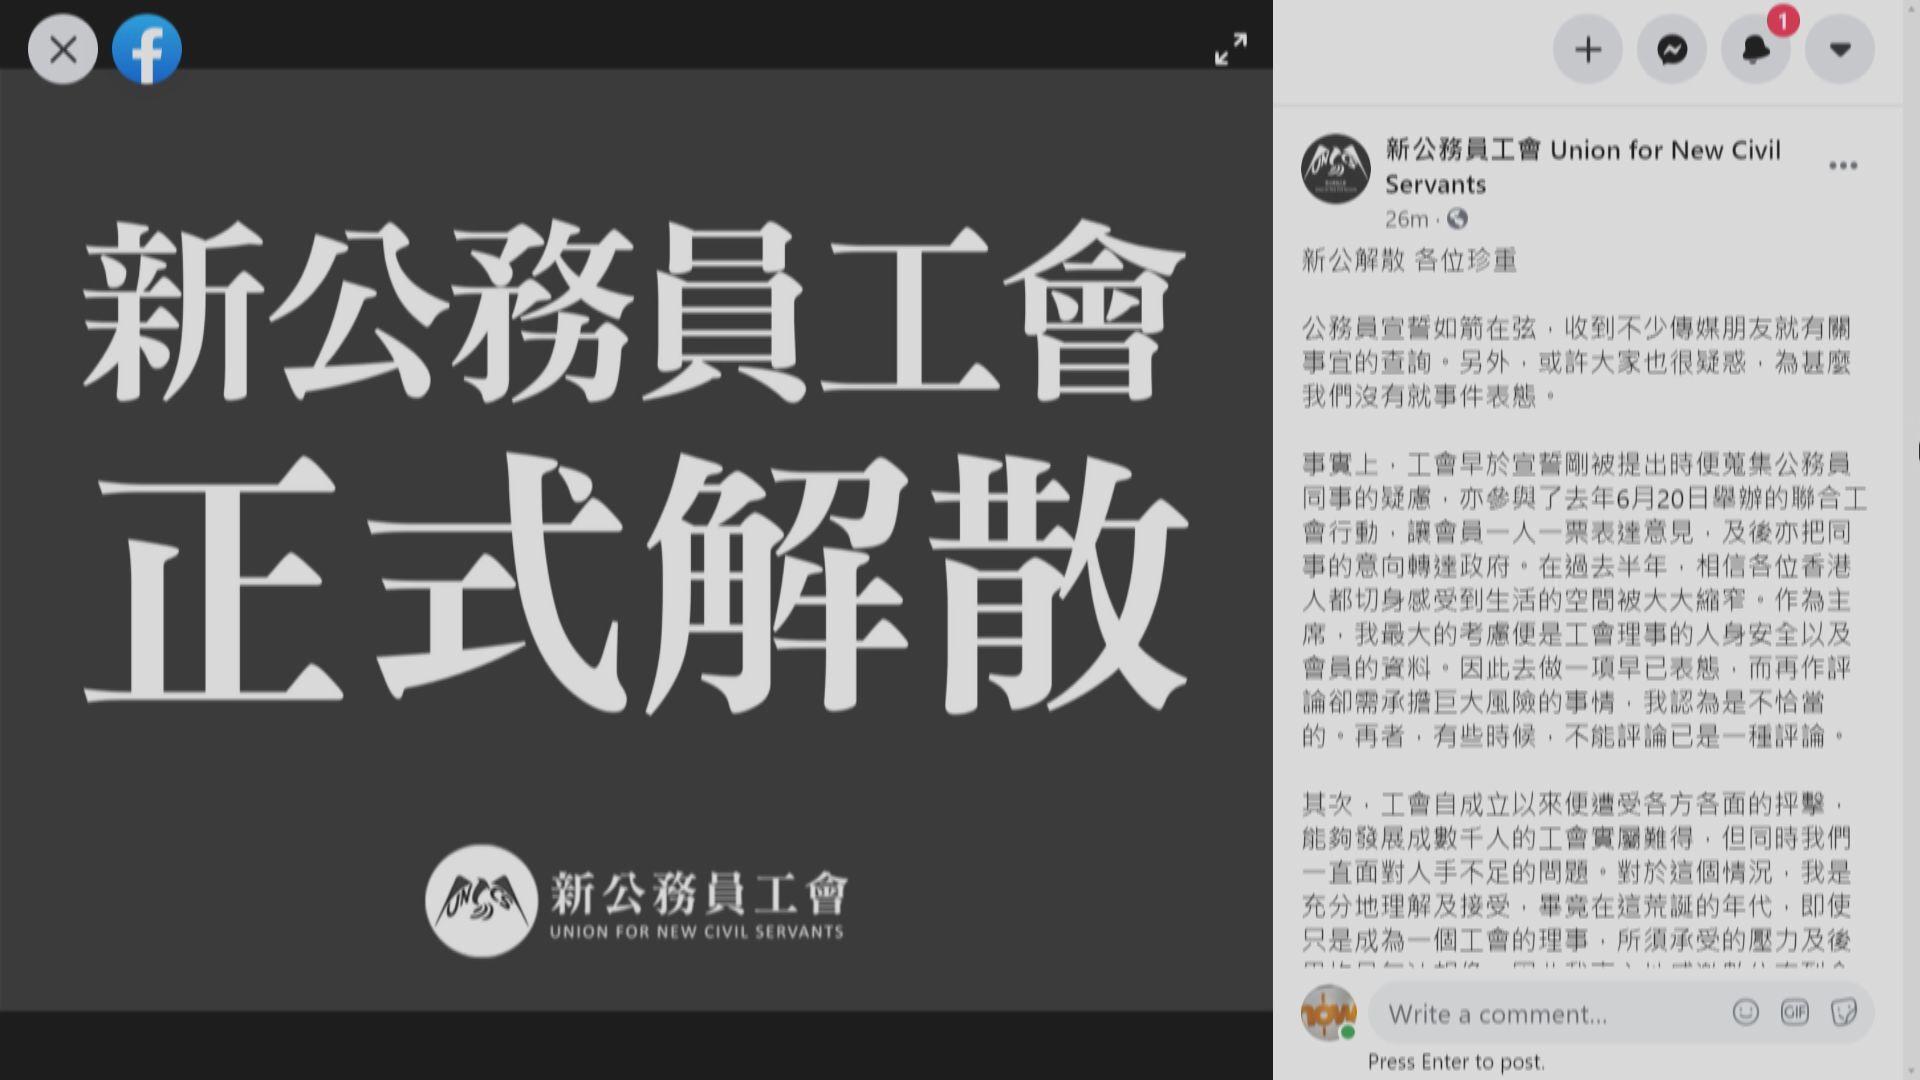 新公務員工會宣布解散 稱與公務員宣誓有關